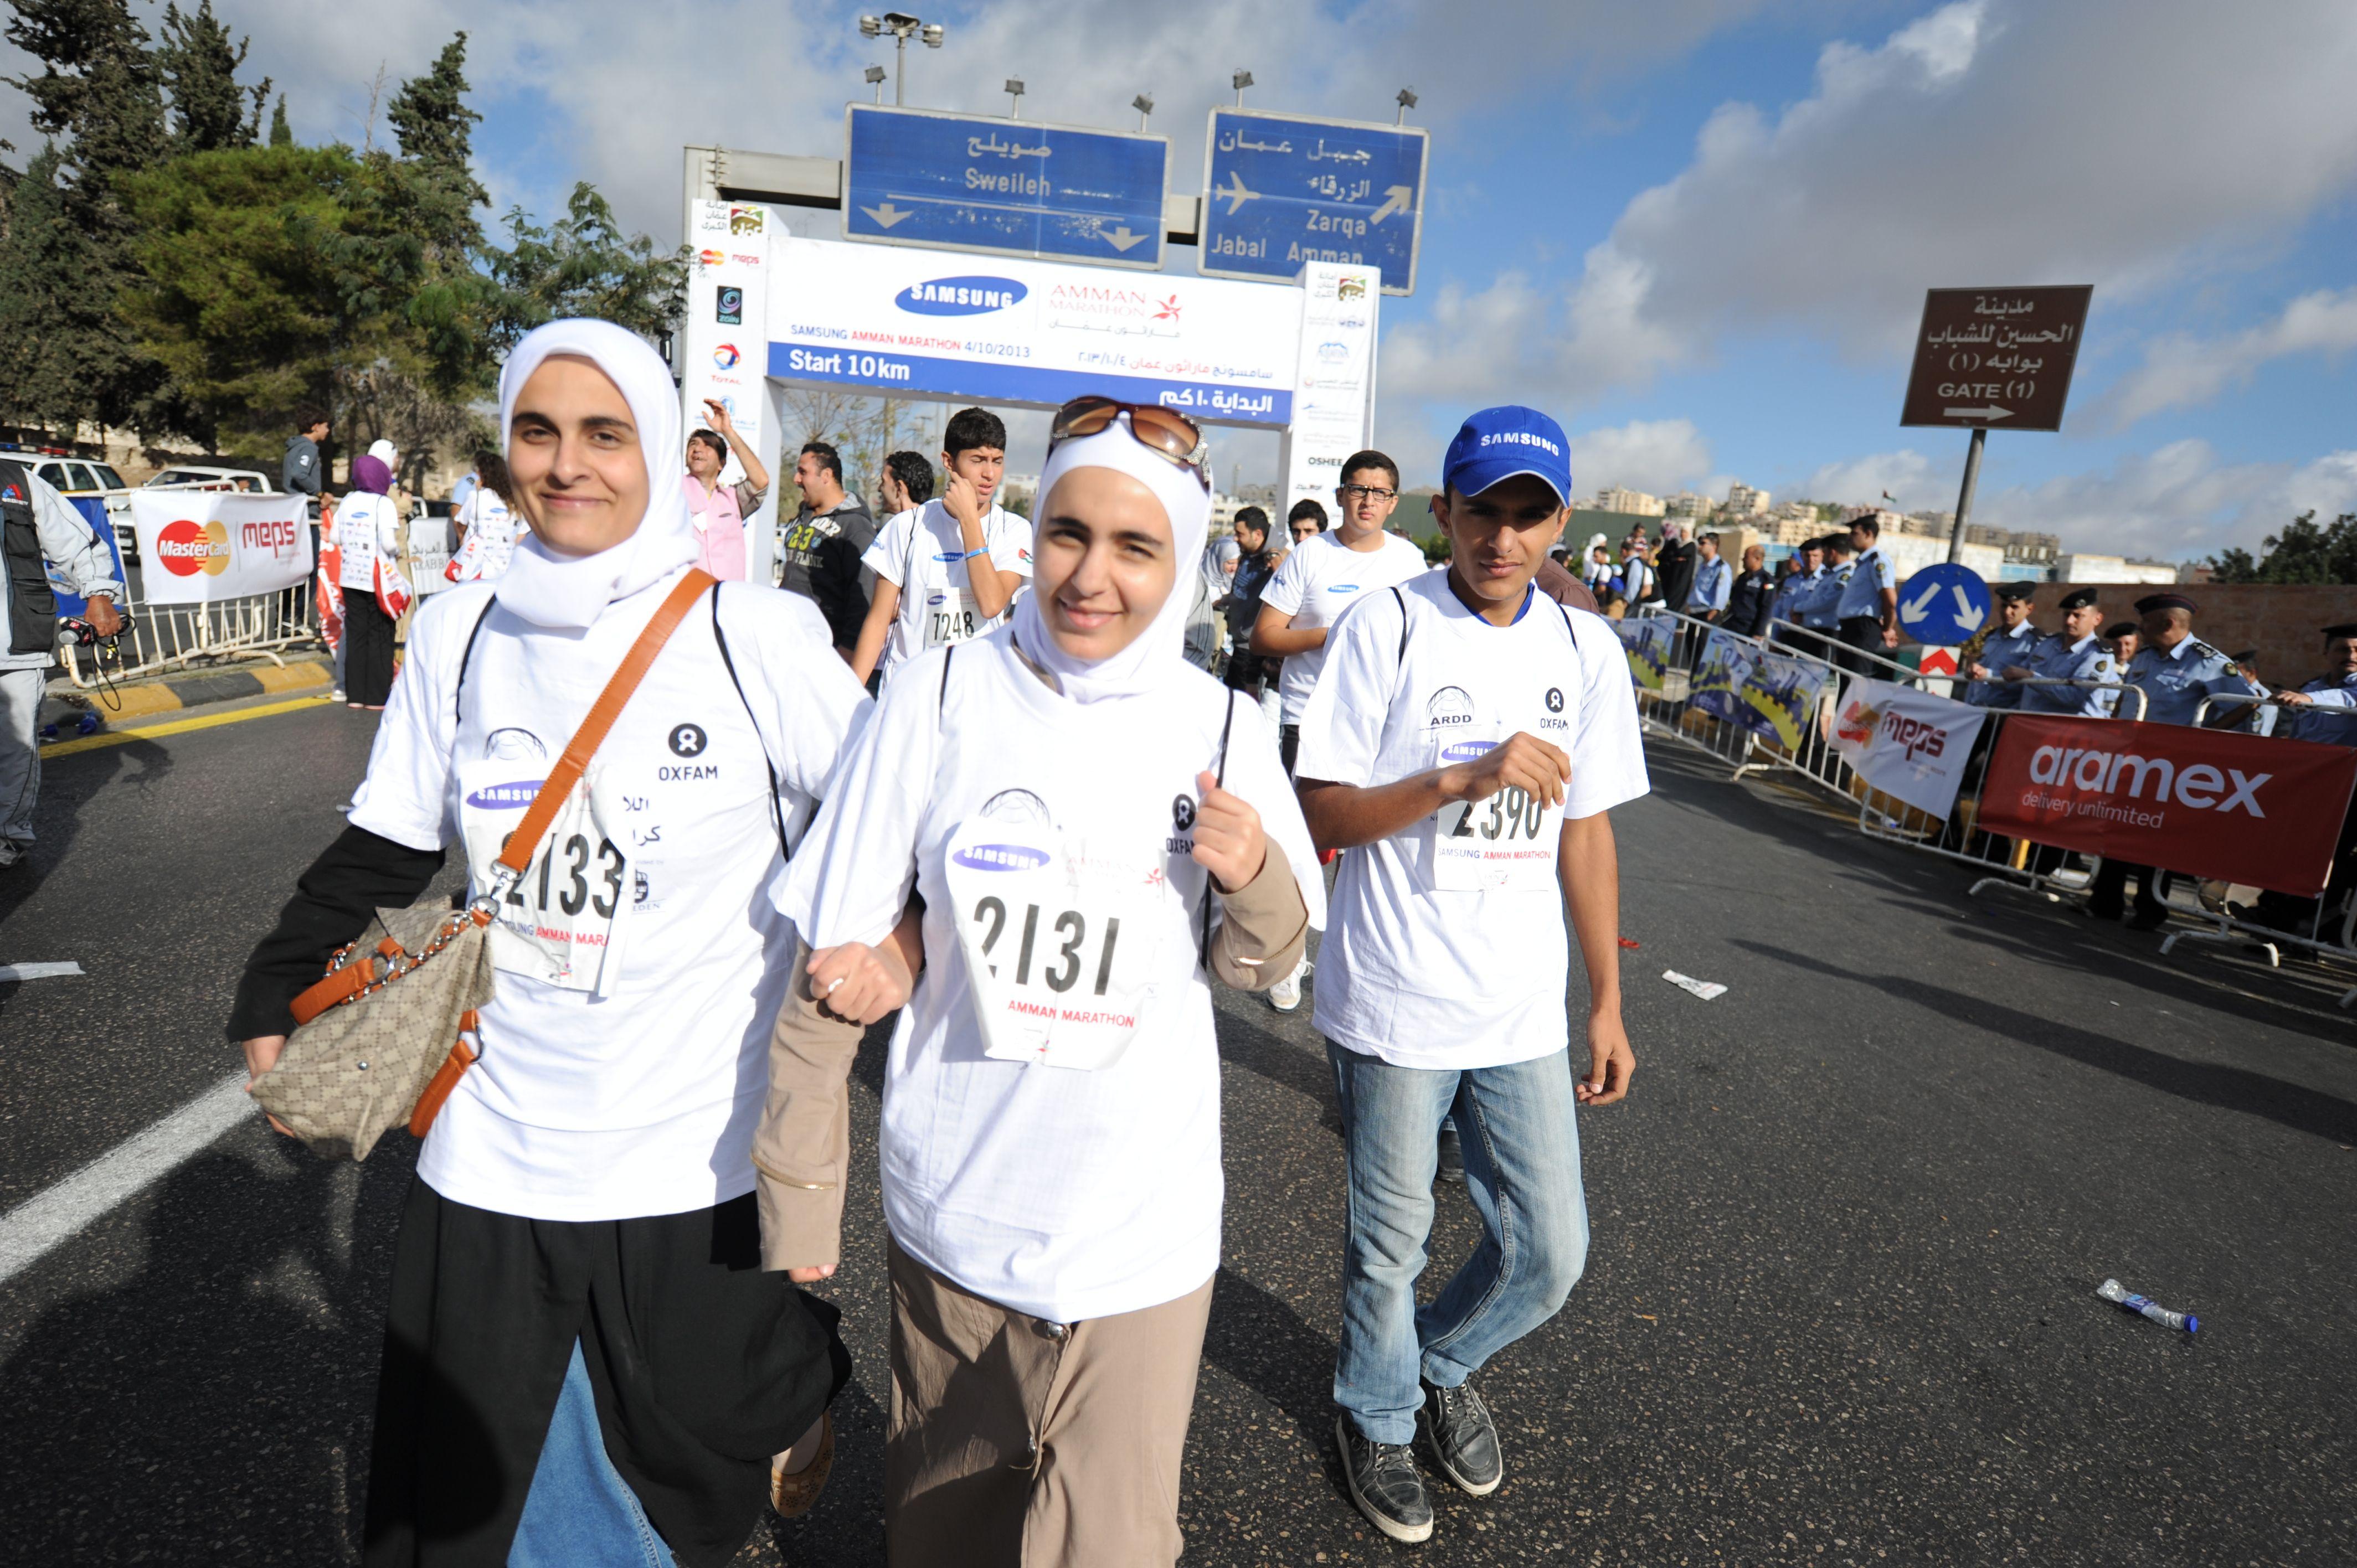 Oxfam For Syria Jordan Syria Racing Team